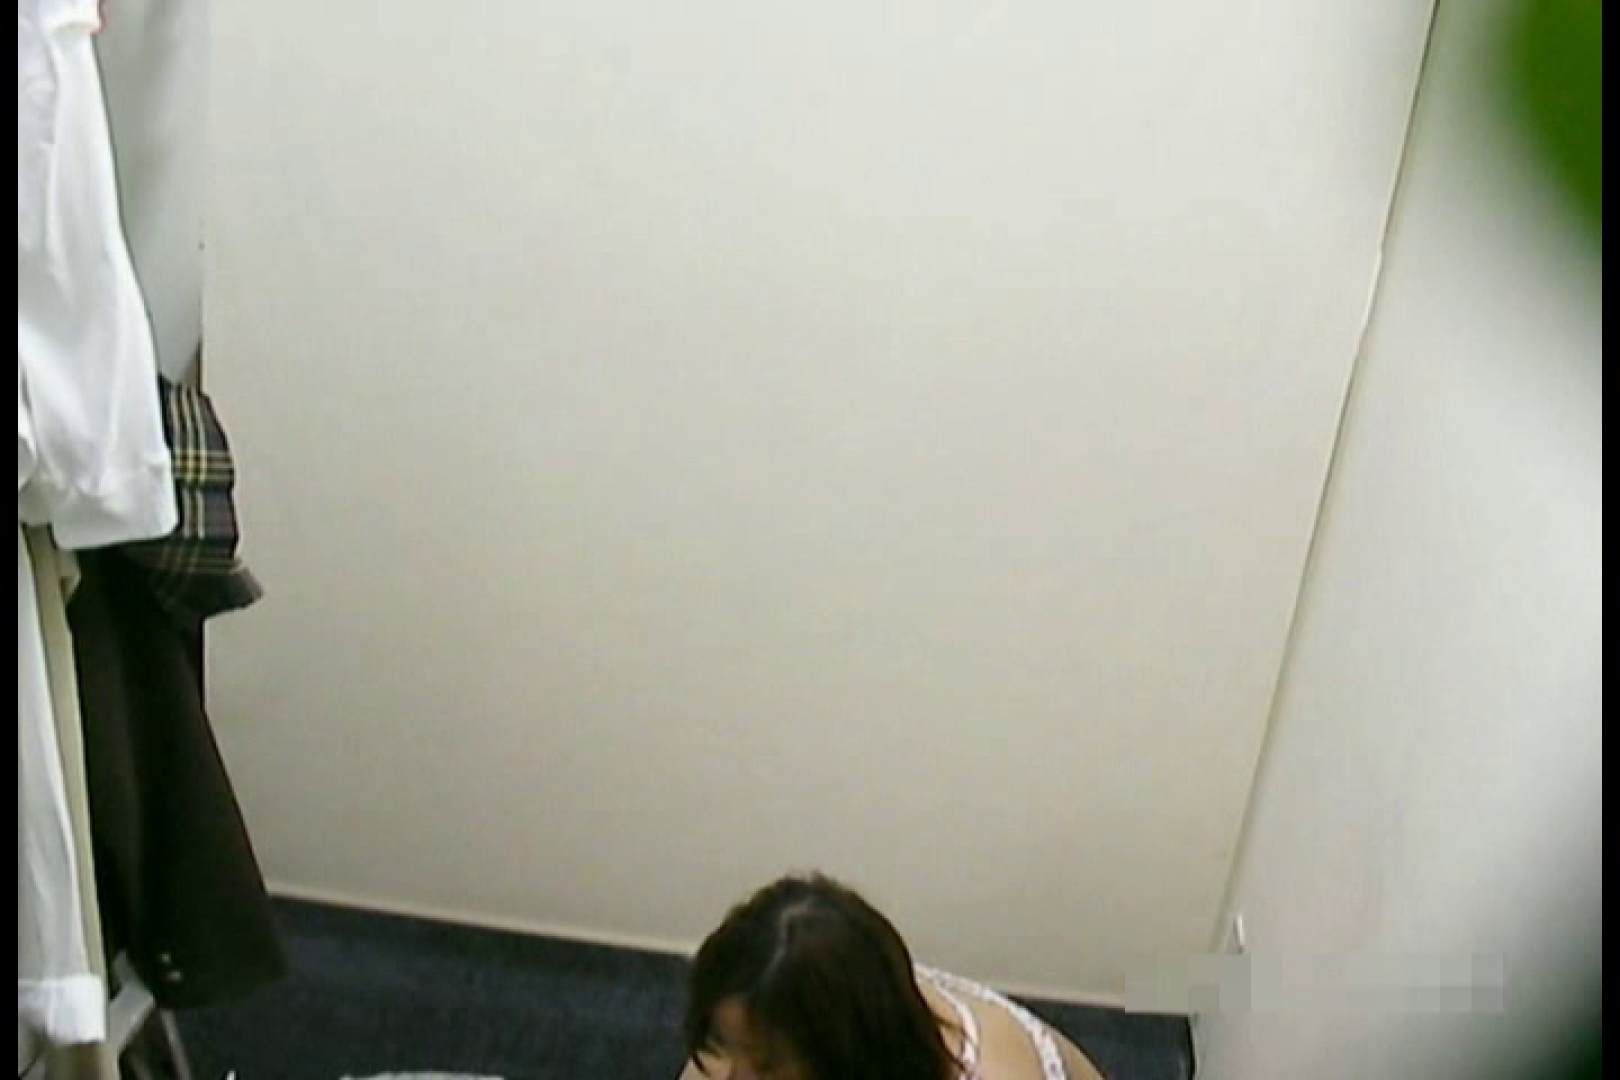 素人撮影 下着だけの撮影のはずが・・・愛22歳 丸見えマンコ 隠し撮りオマンコ動画紹介 55PIX 15